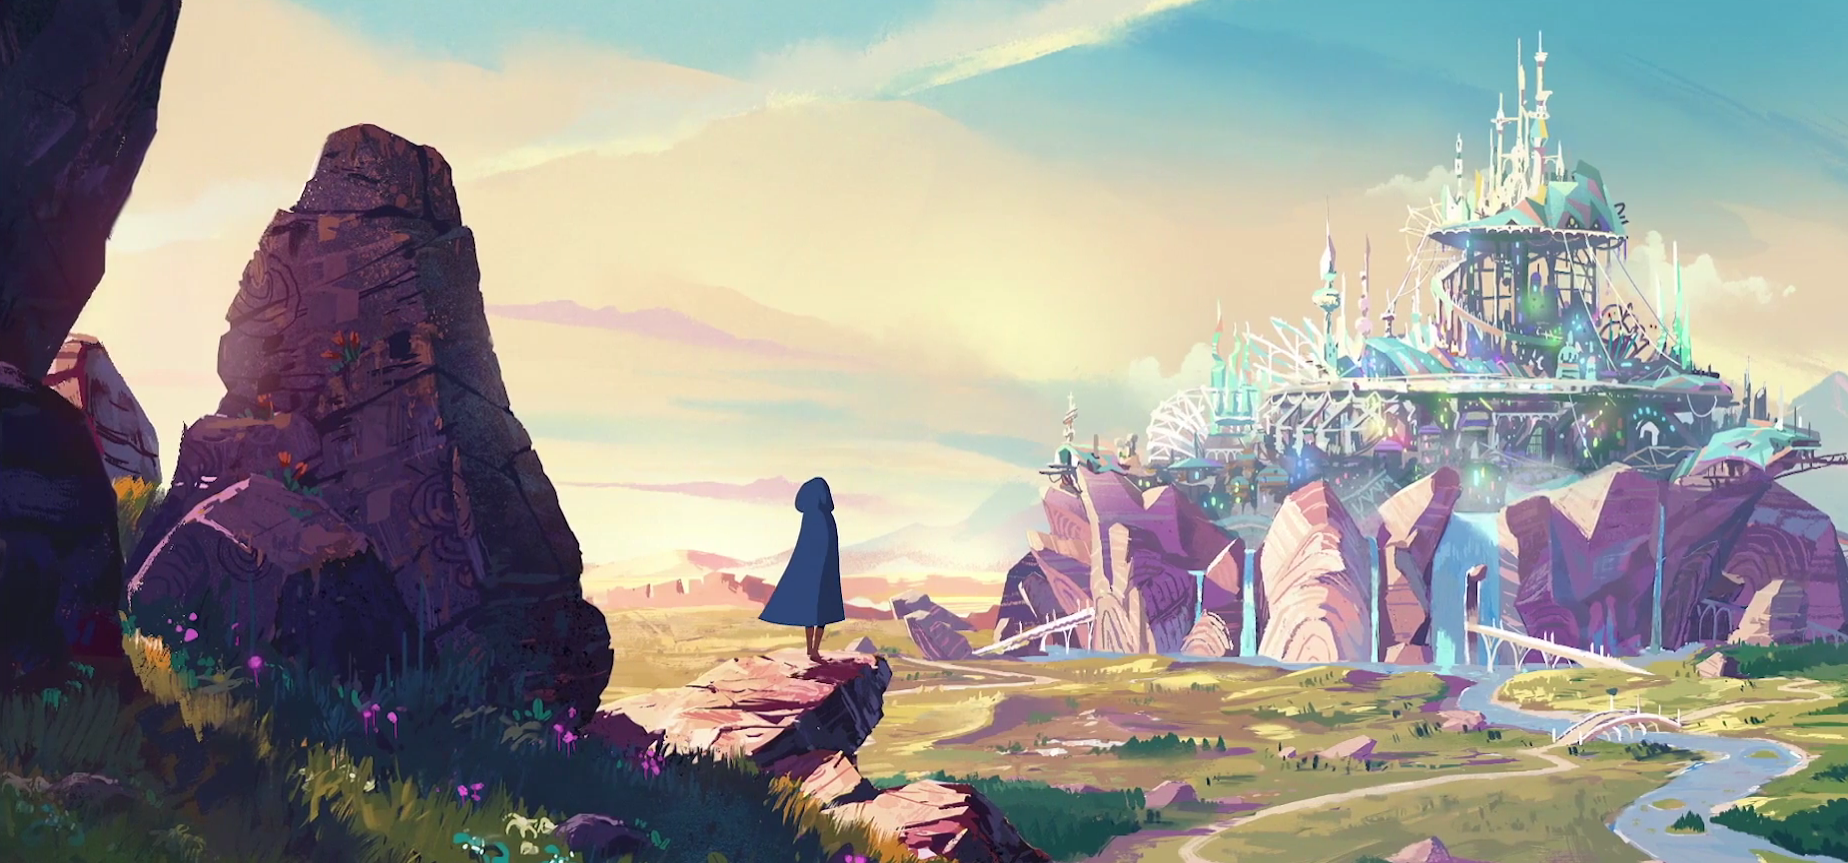 Трейлер Ewilan's Quest — французского мультсериала по мотивам фэнтезийного цикла